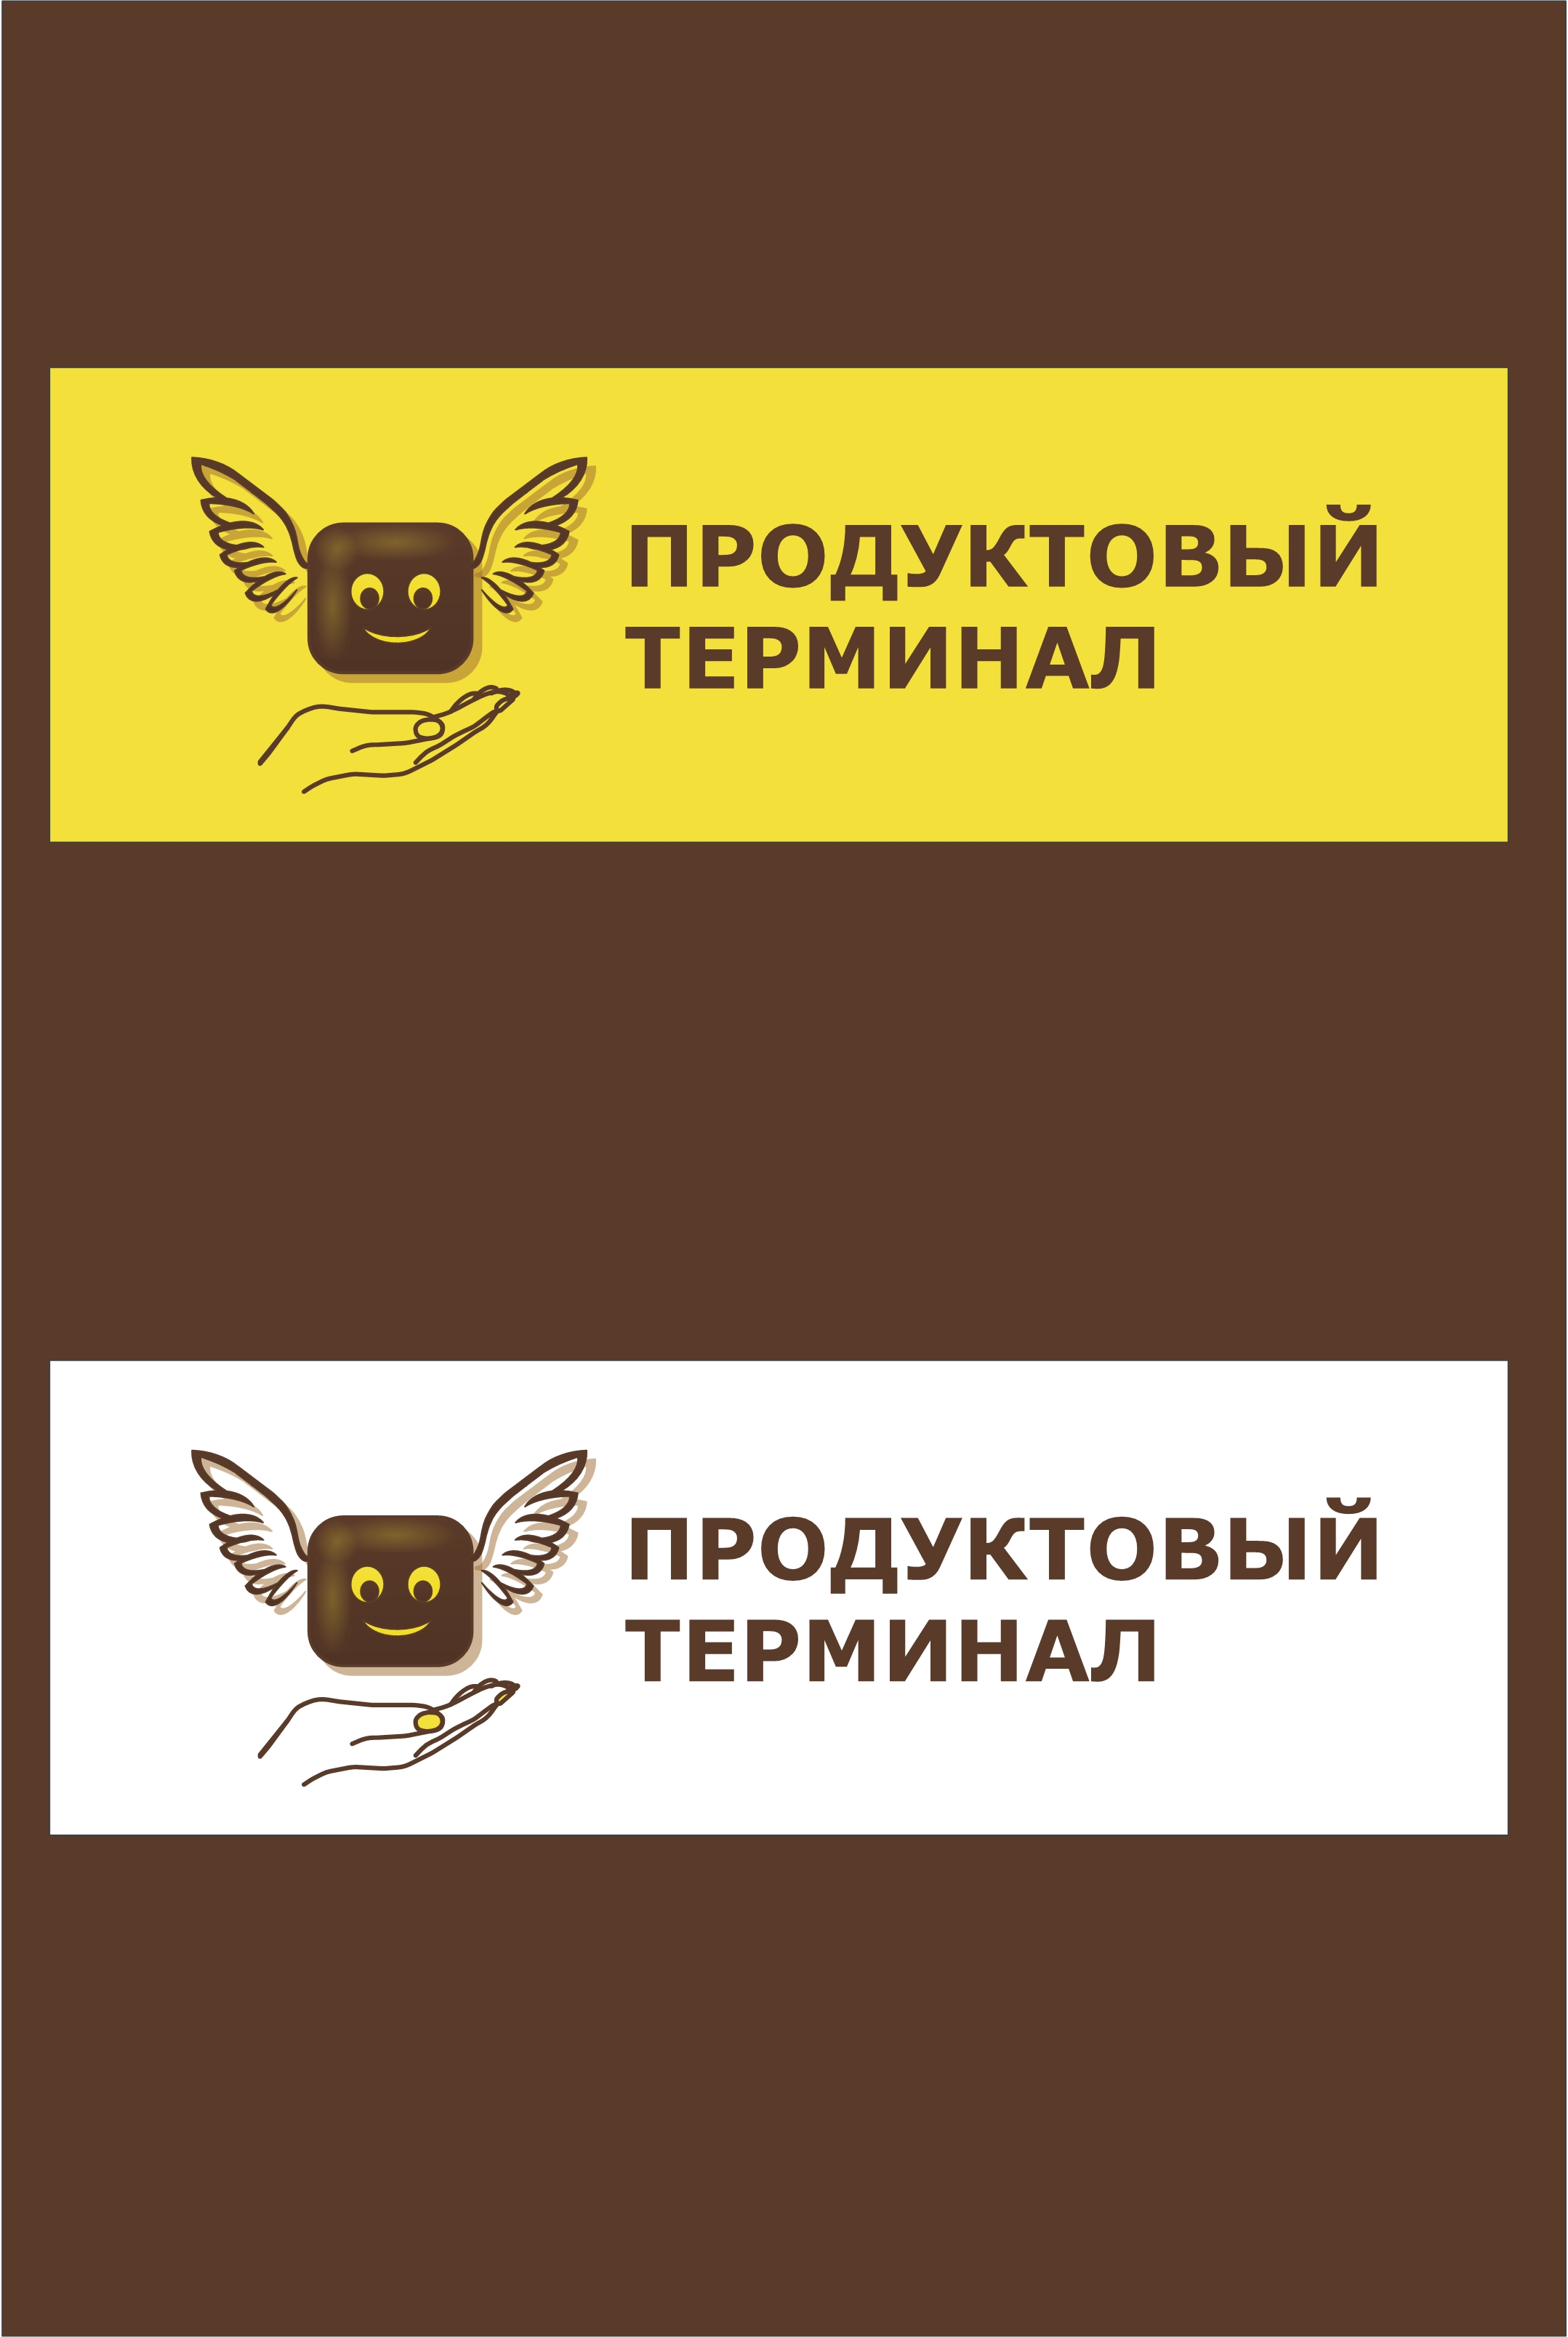 Логотип для сети продуктовых магазинов фото f_12156fa6f94aefc7.jpg